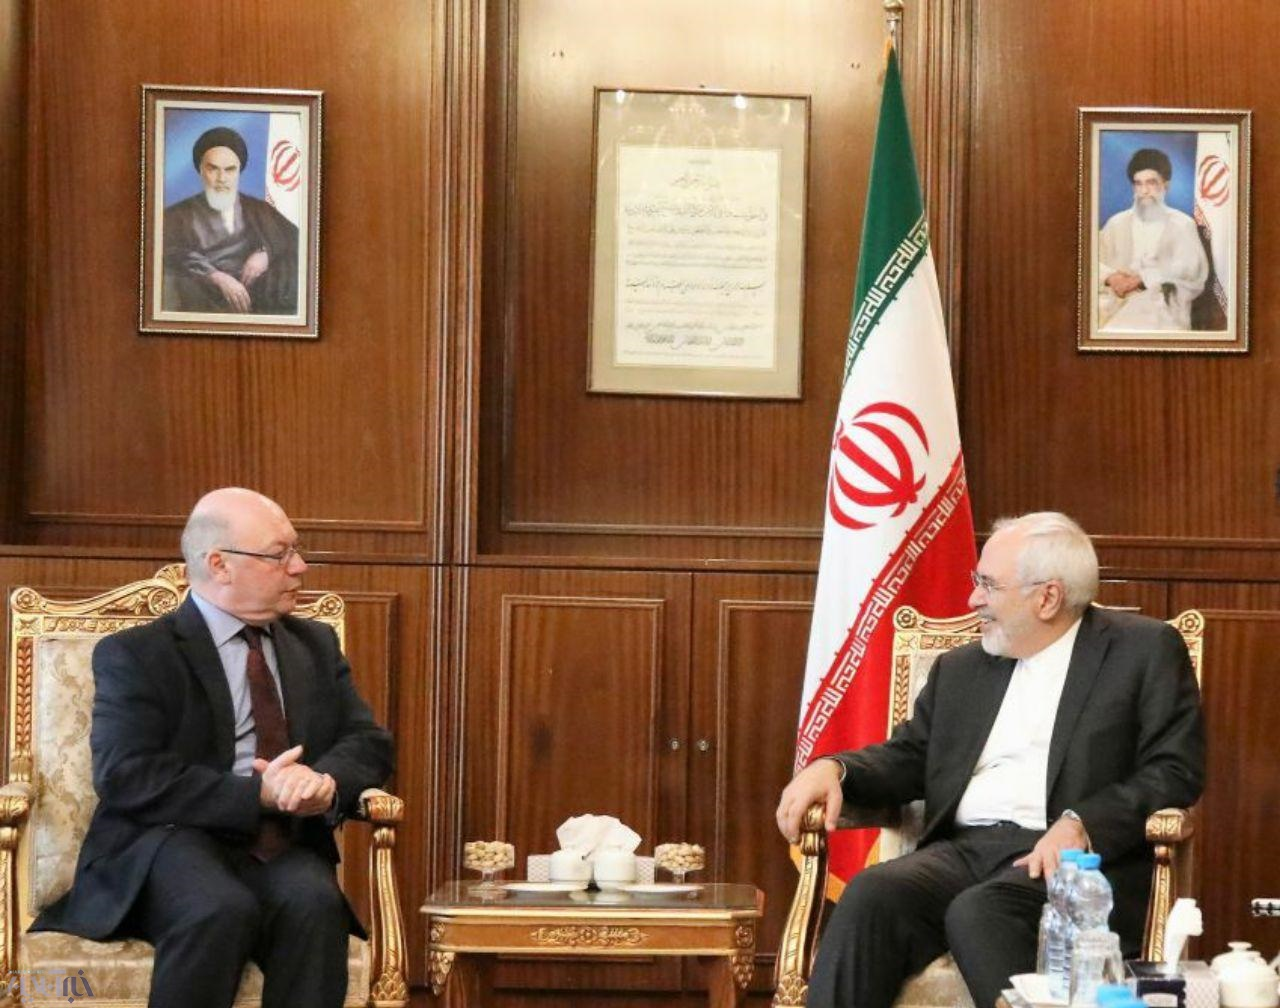 معاون وزیر خارجه انگلیس با ظریف دیدار کرد